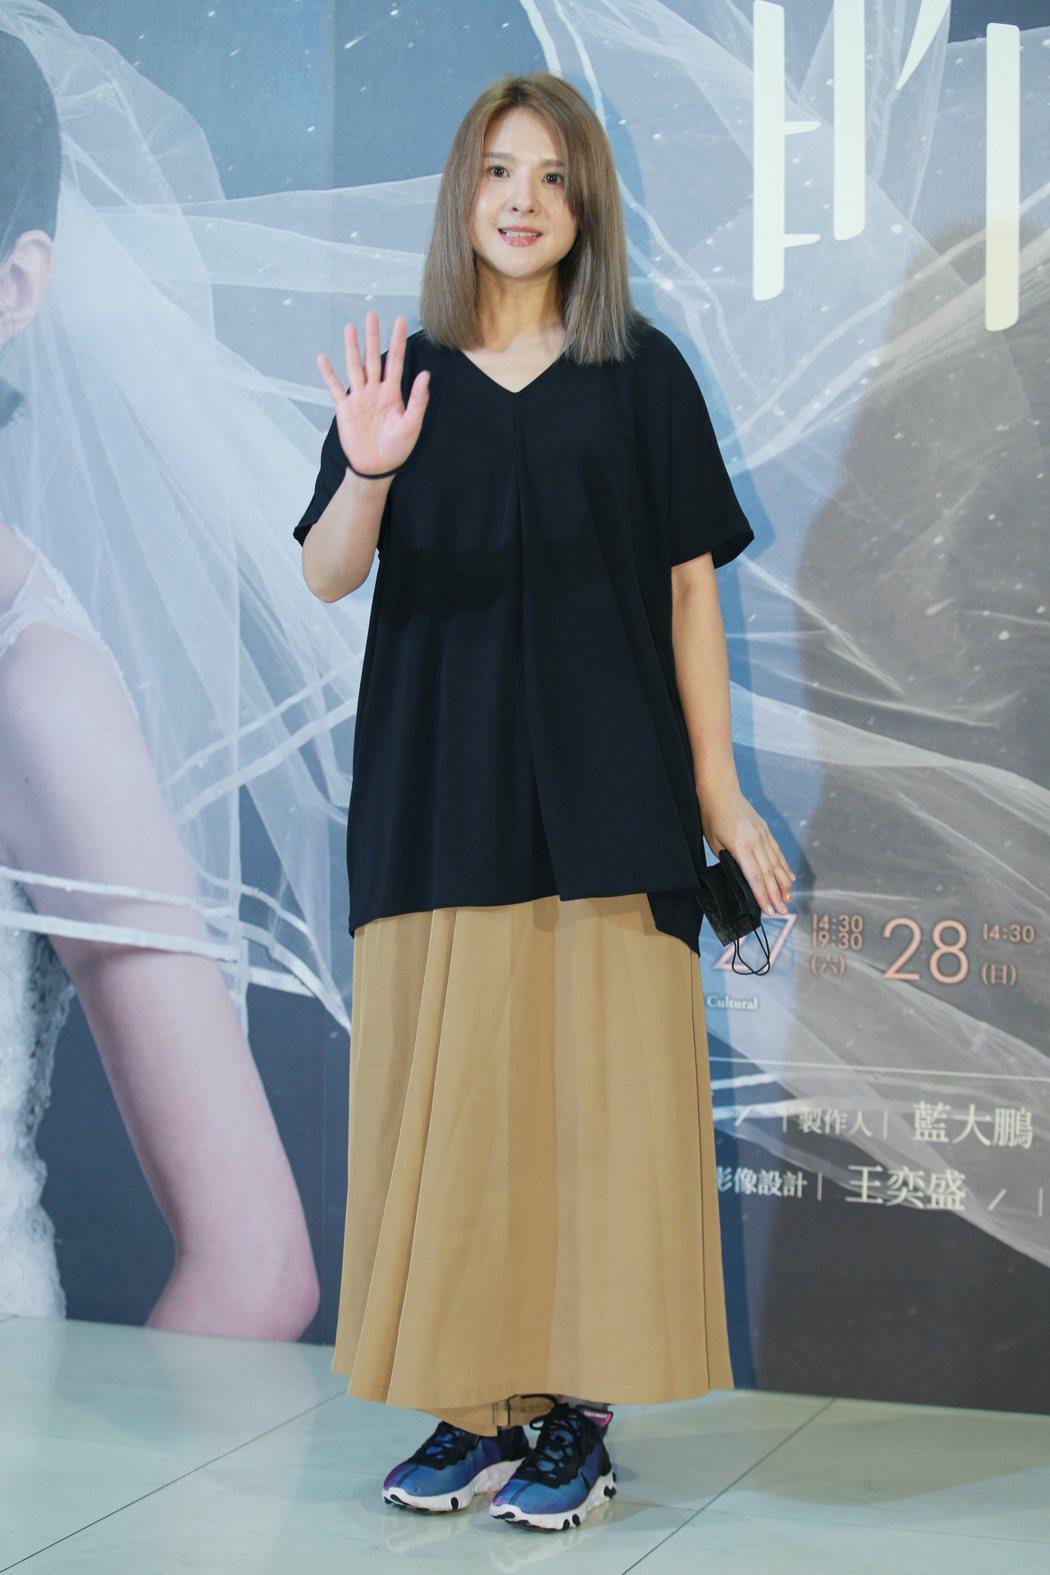 舞台劇「昨夜星辰」在台北城市舞台舉行首演,藝人郭靜(圖)前來觀賞。記者許正宏/攝...